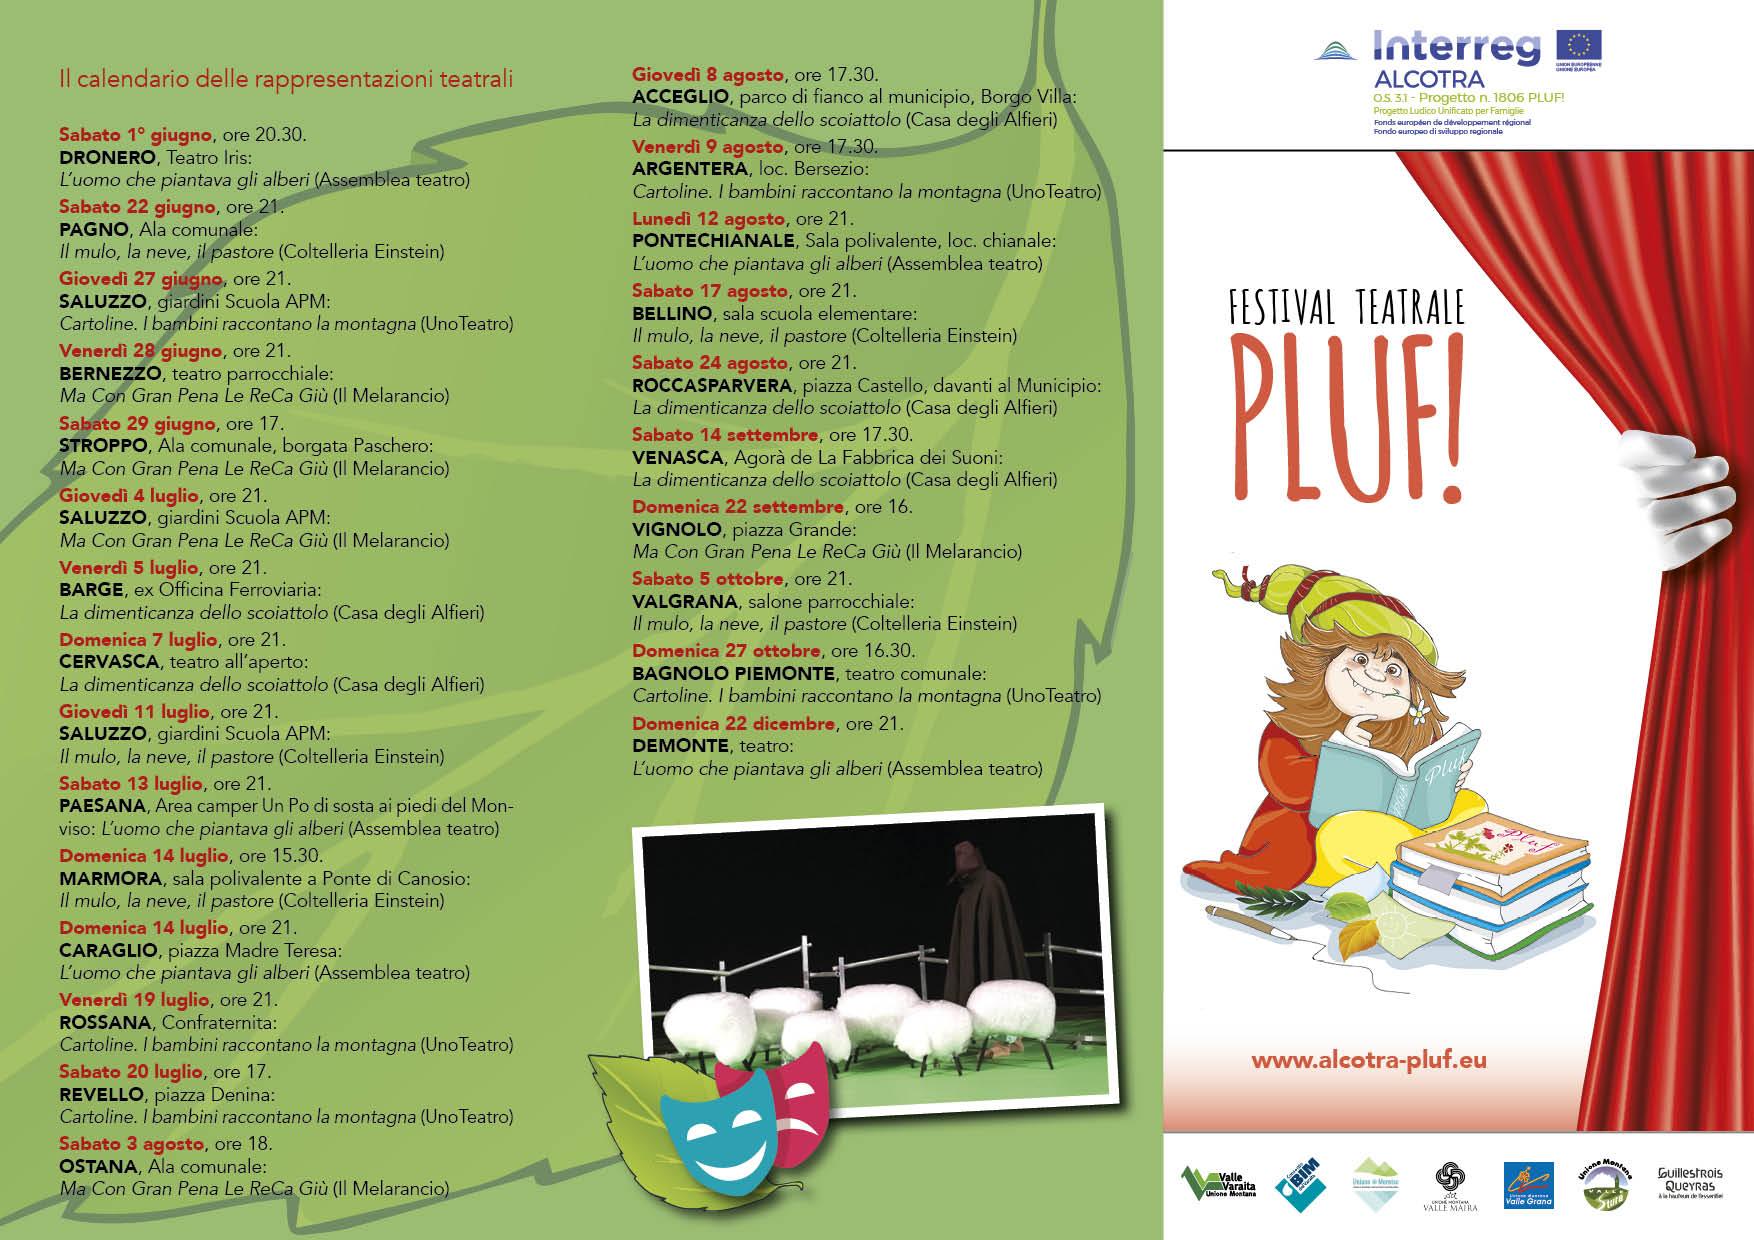 Il calendario delle rappresentazioni teatrali